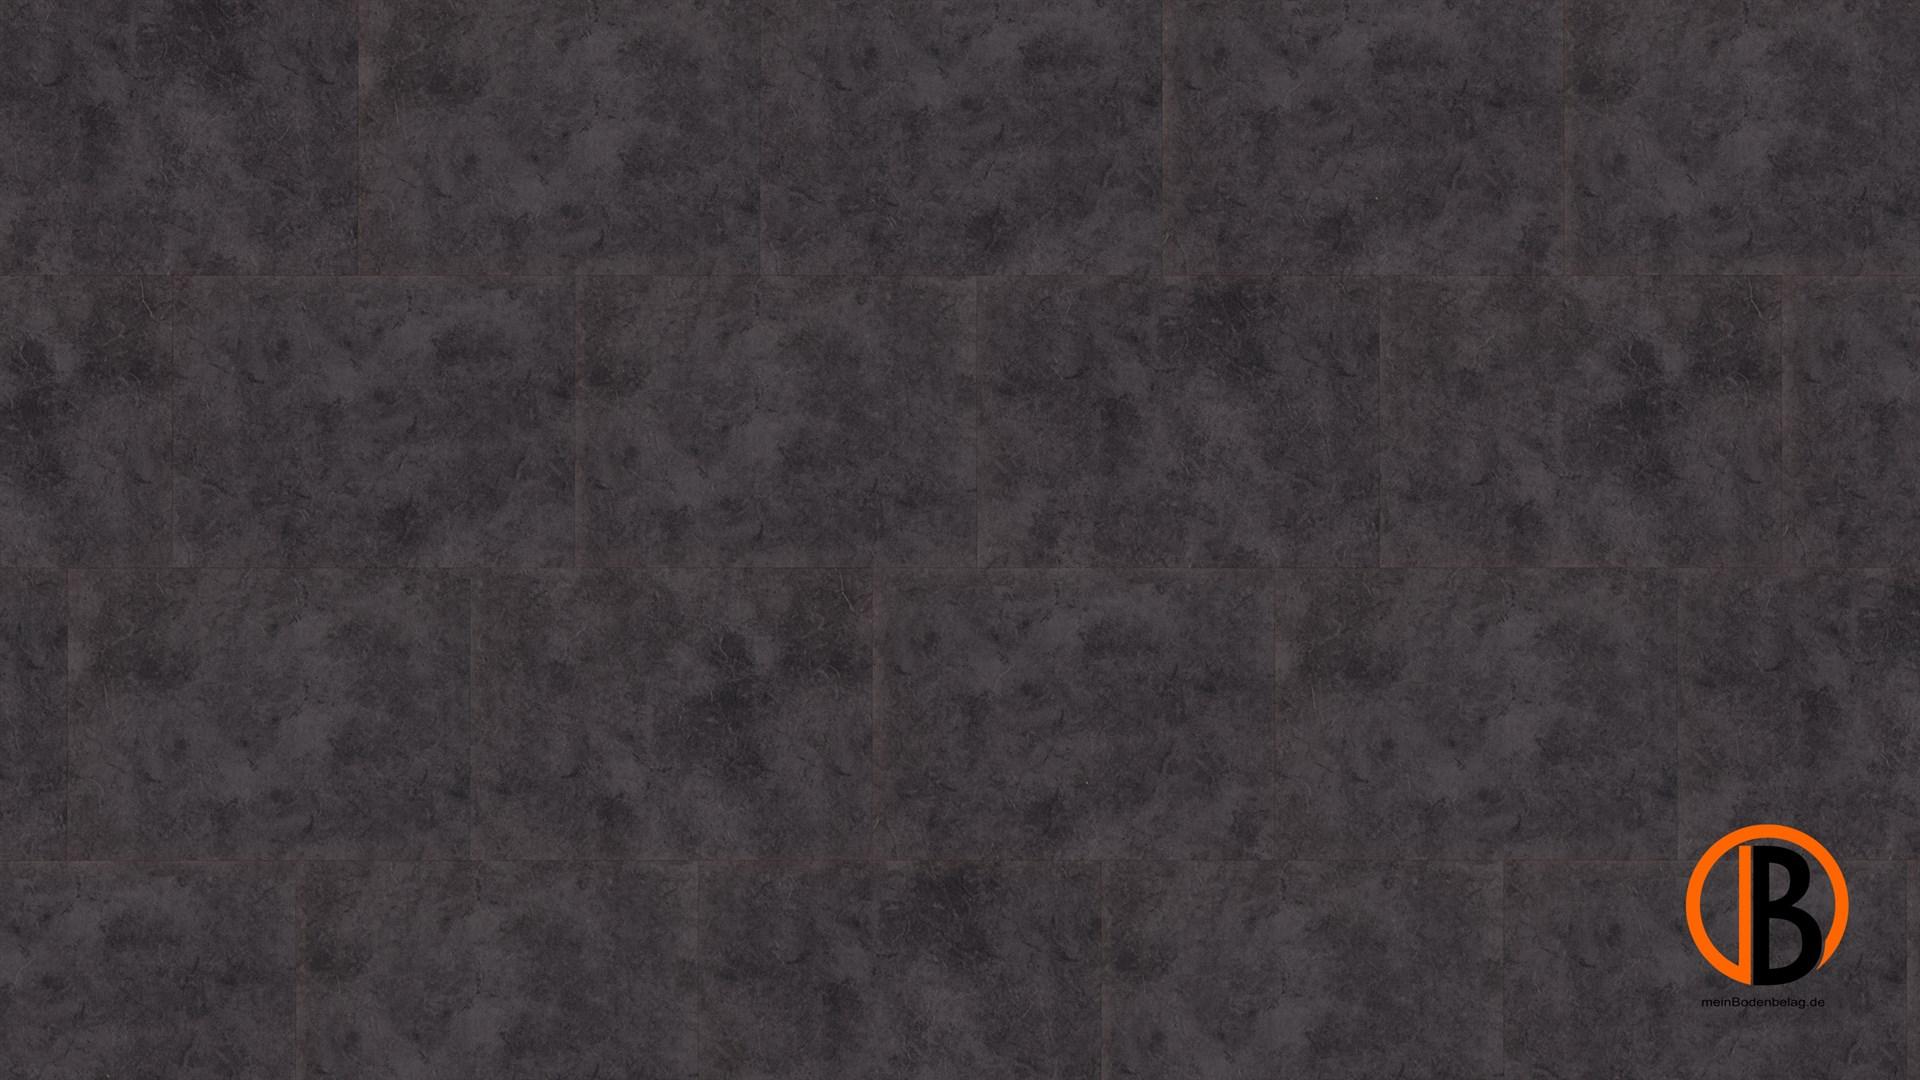 CINQUE KWG DESIGNERVINYL ANTIGUA STONE HYDROTEC | 10000357;0 | Bild 1